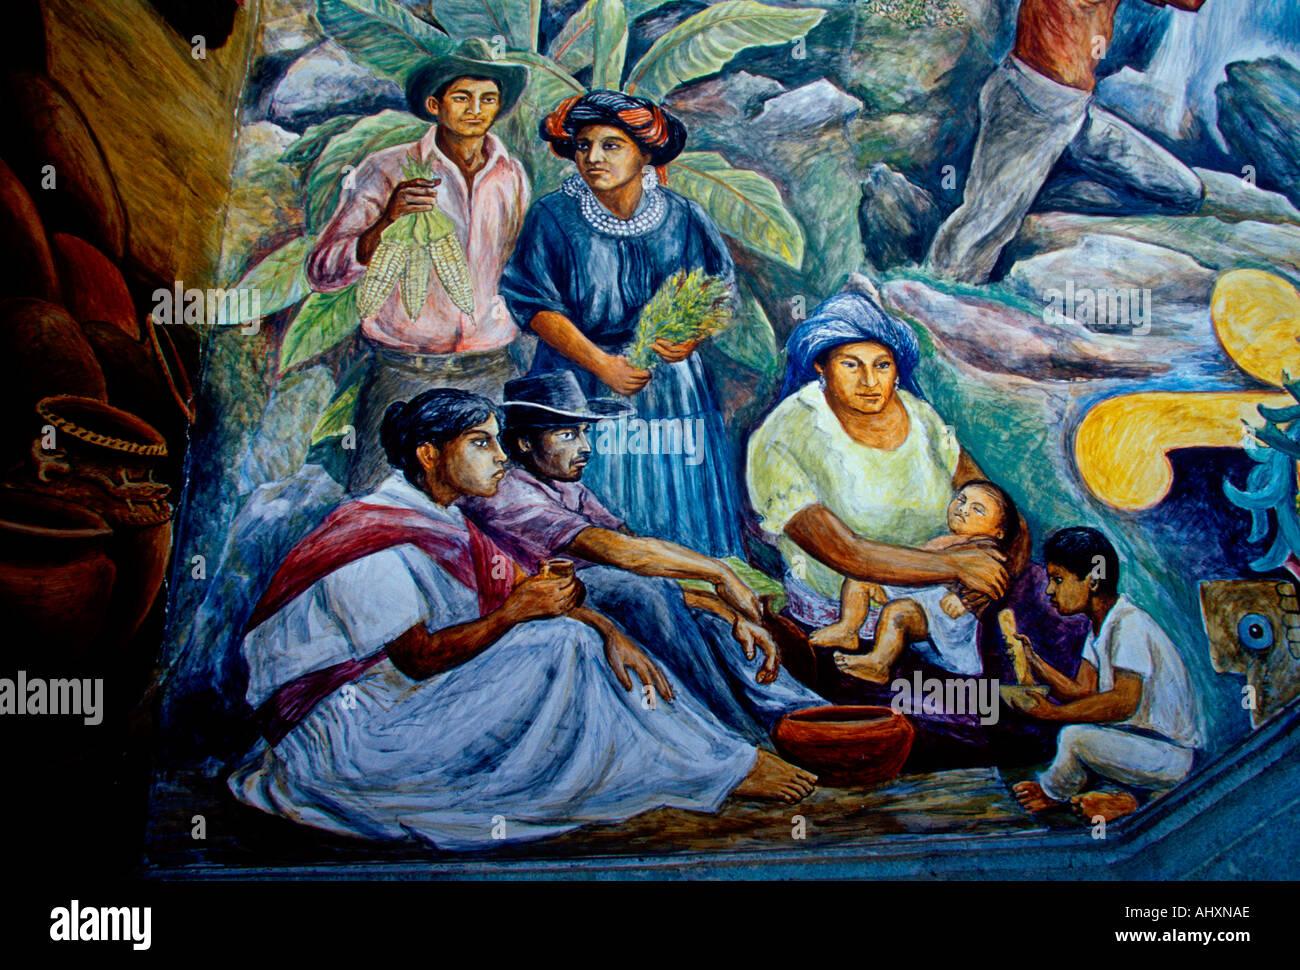 Mural comida de familia zapoteca by arturo garcia bustos for Mural una familia chicana